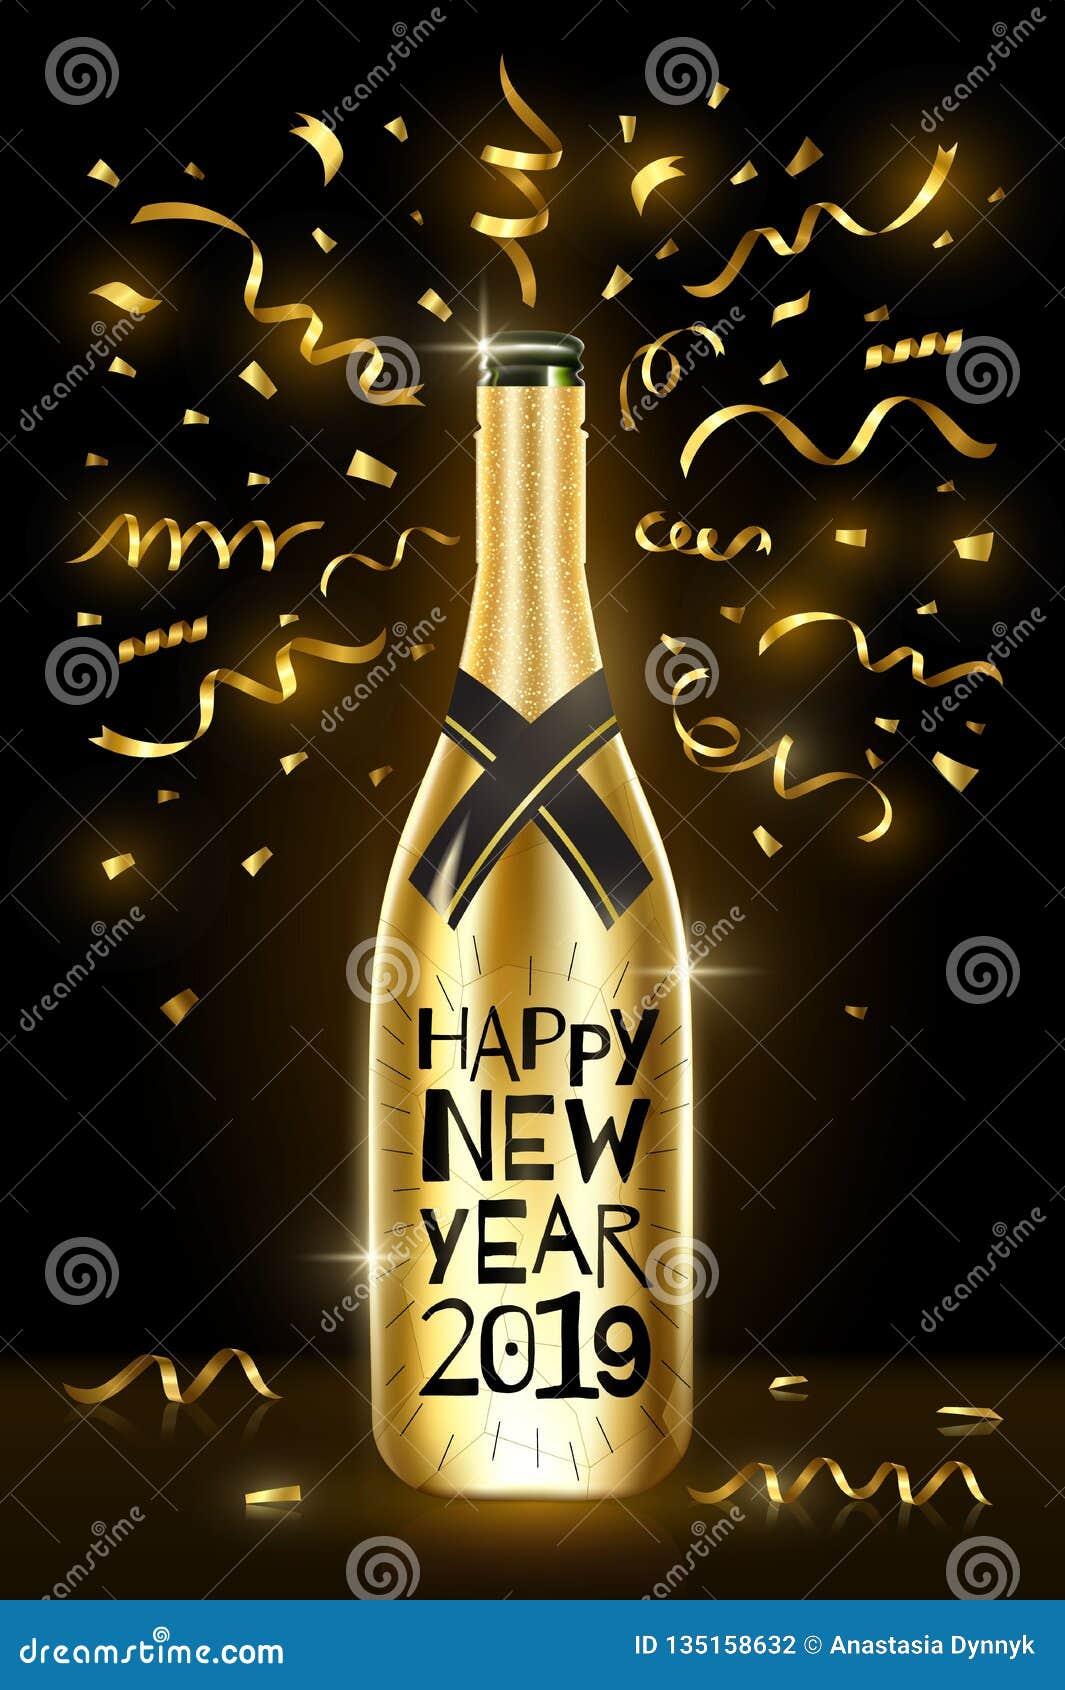 Fles champagne De gelukkige nieuwe kaart van de jaar 2019 groet De vakantie van de winter Vector illustratie EPS10